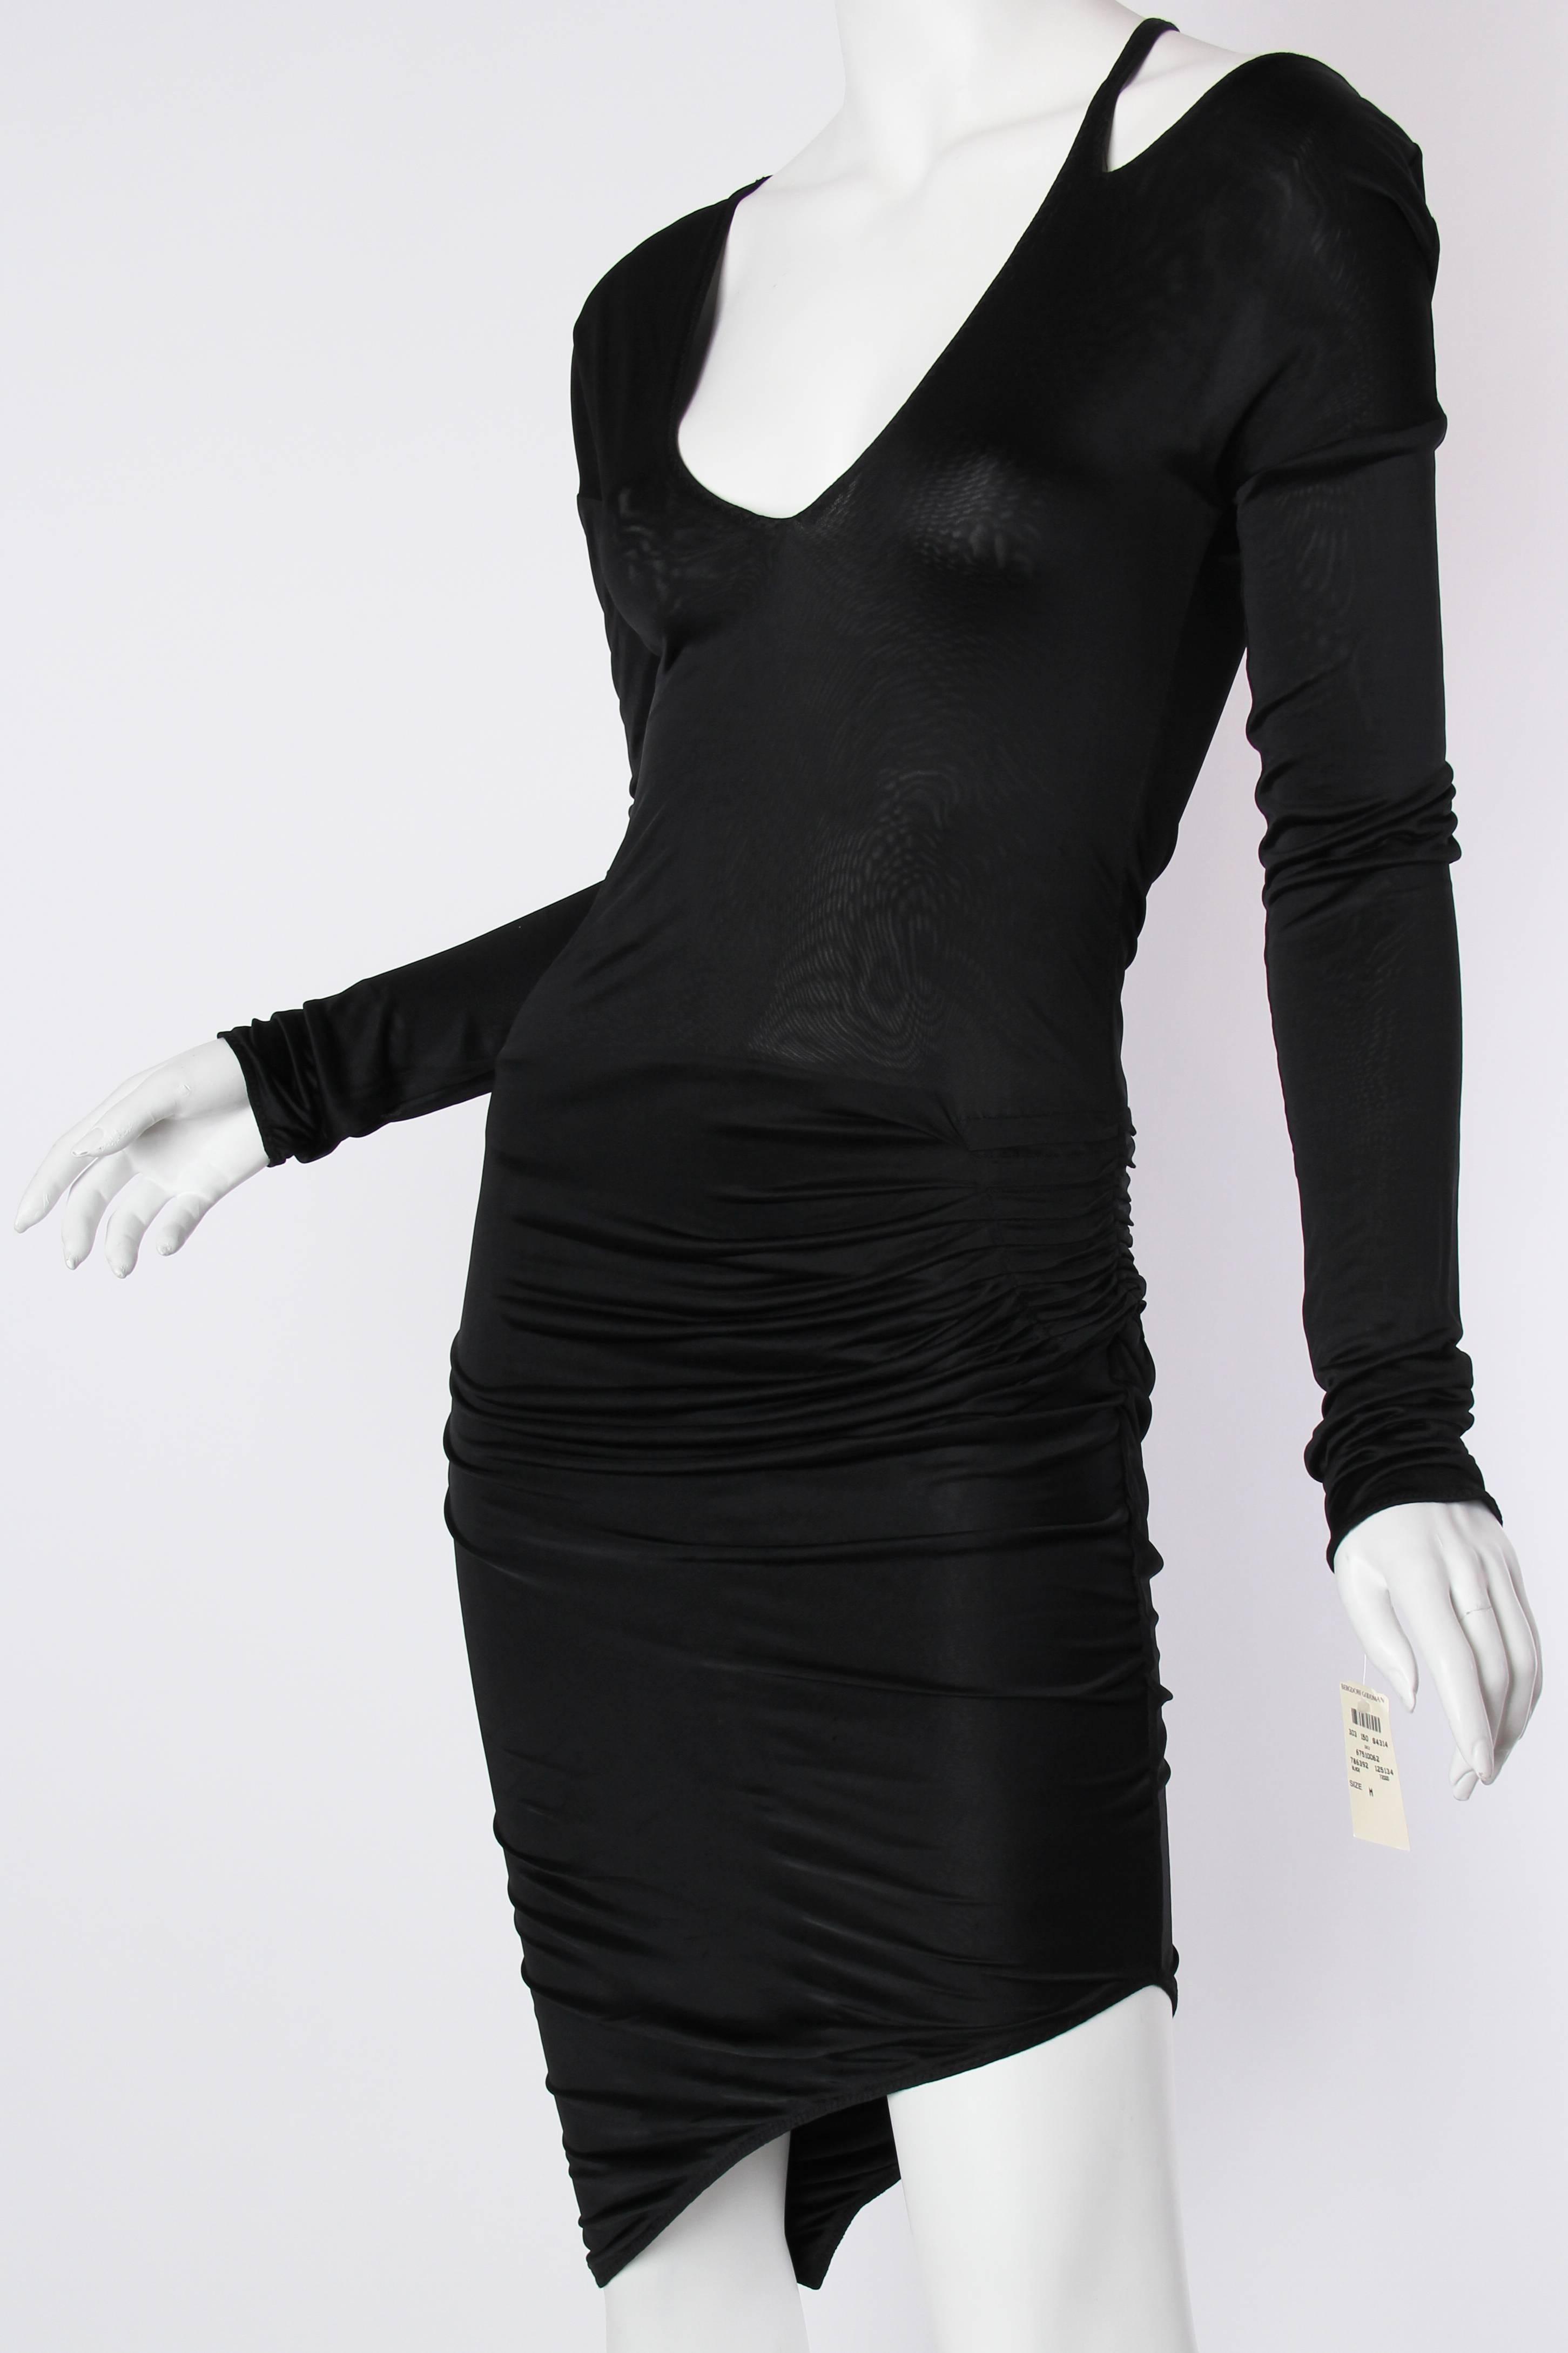 5b575f9d52 1990s Tom Ford Gucci Slinky Jersey Dress at 1stdibs